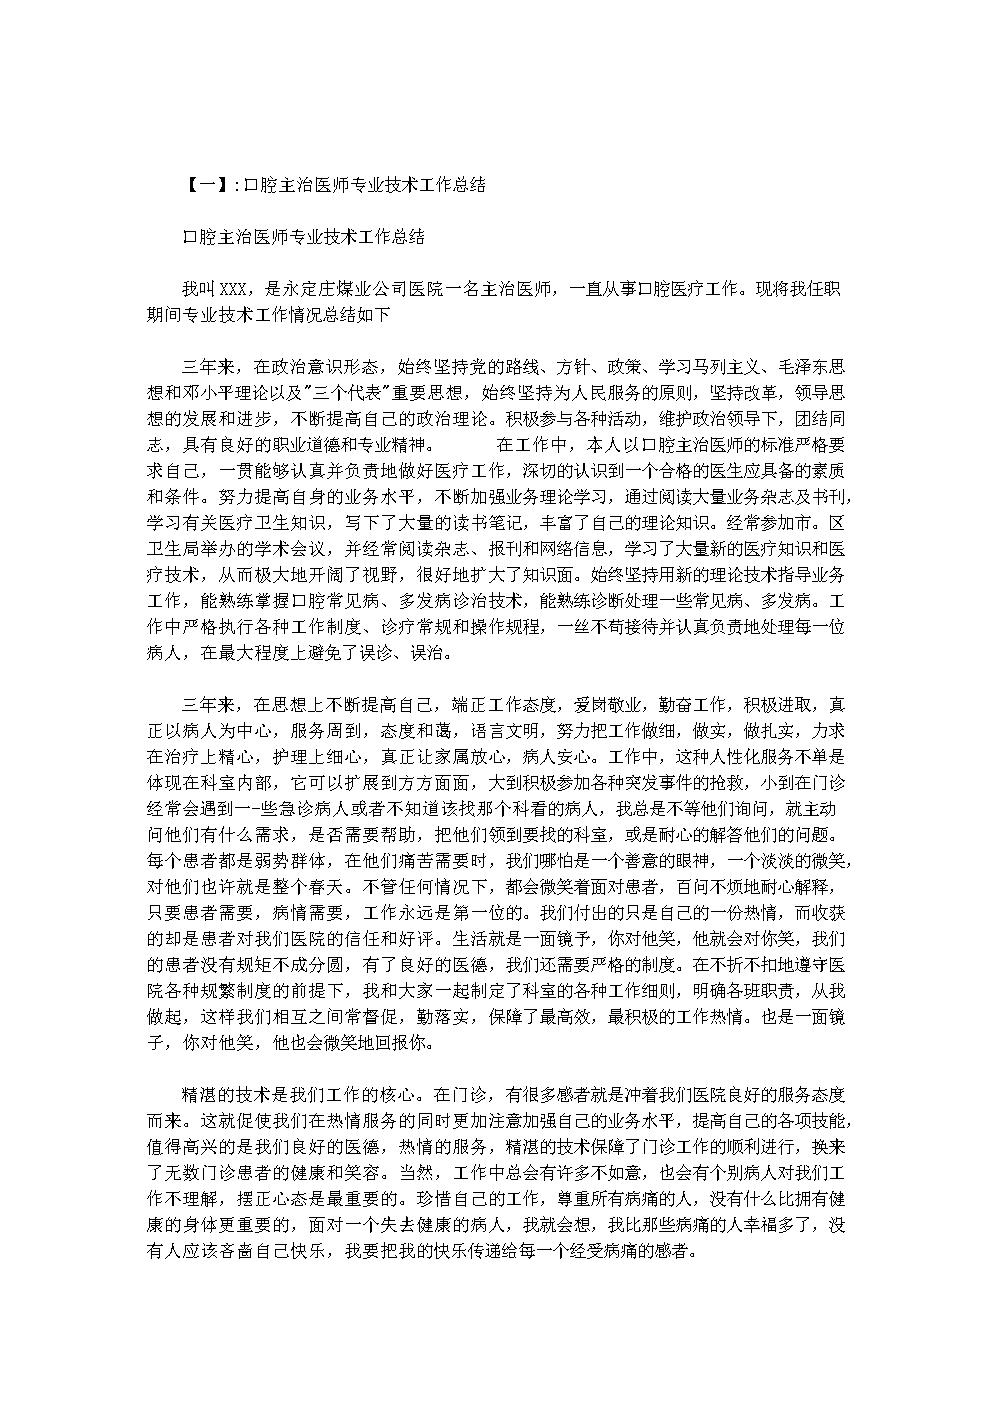 口腔主治医师工作总结范文.doc